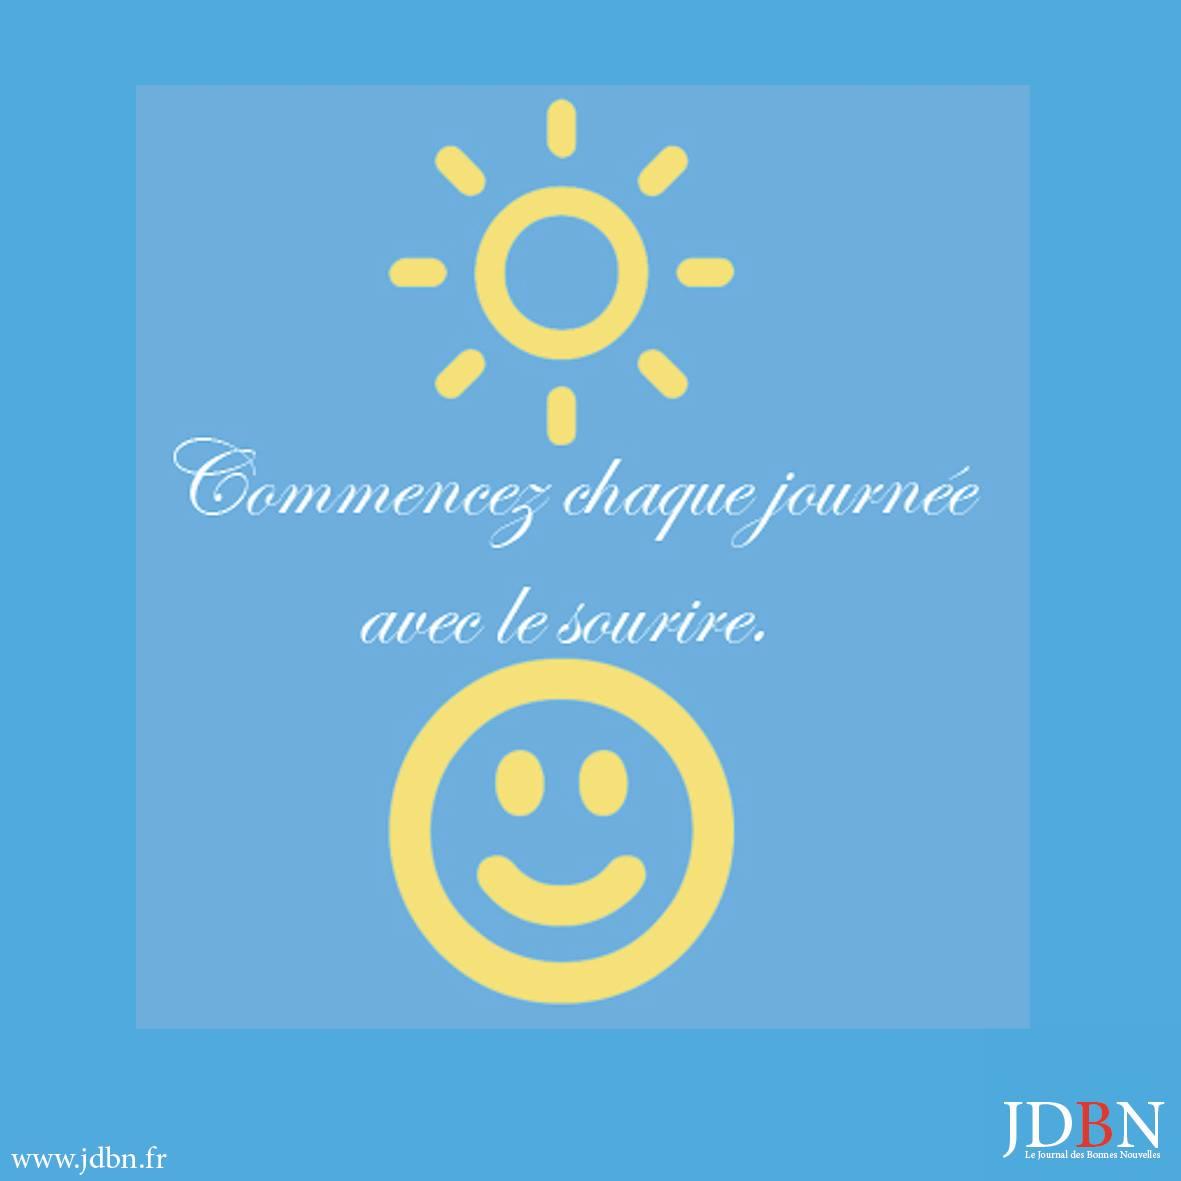 Bon week-end à toutes et à tous de la part du JDBN